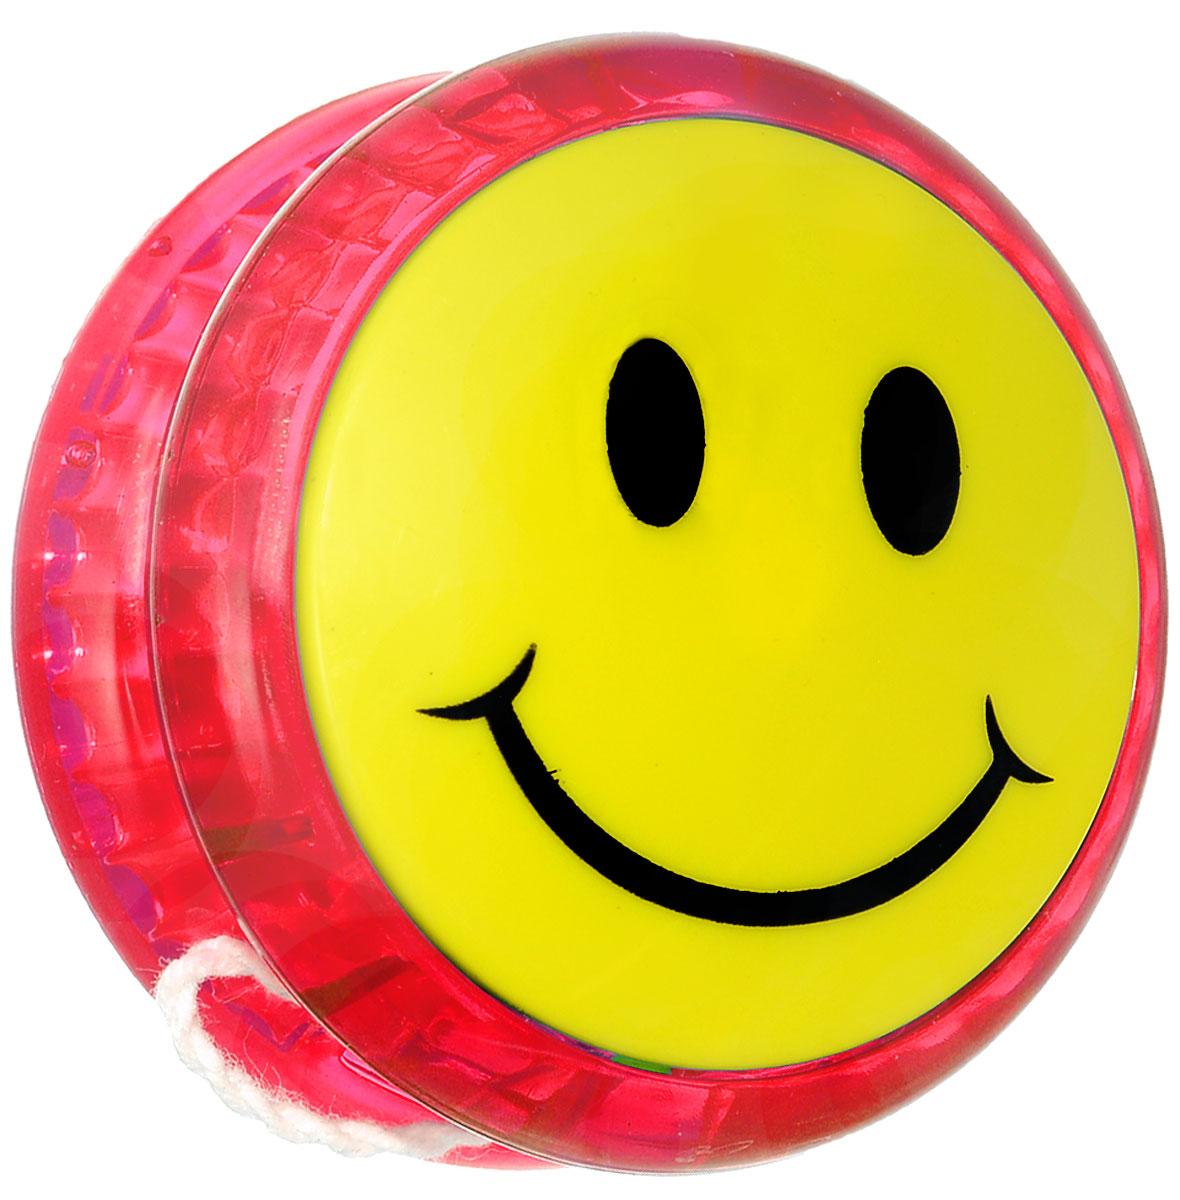 Купить Эврика Йо-йо Смайл цвет красный, Развлекательные игрушки